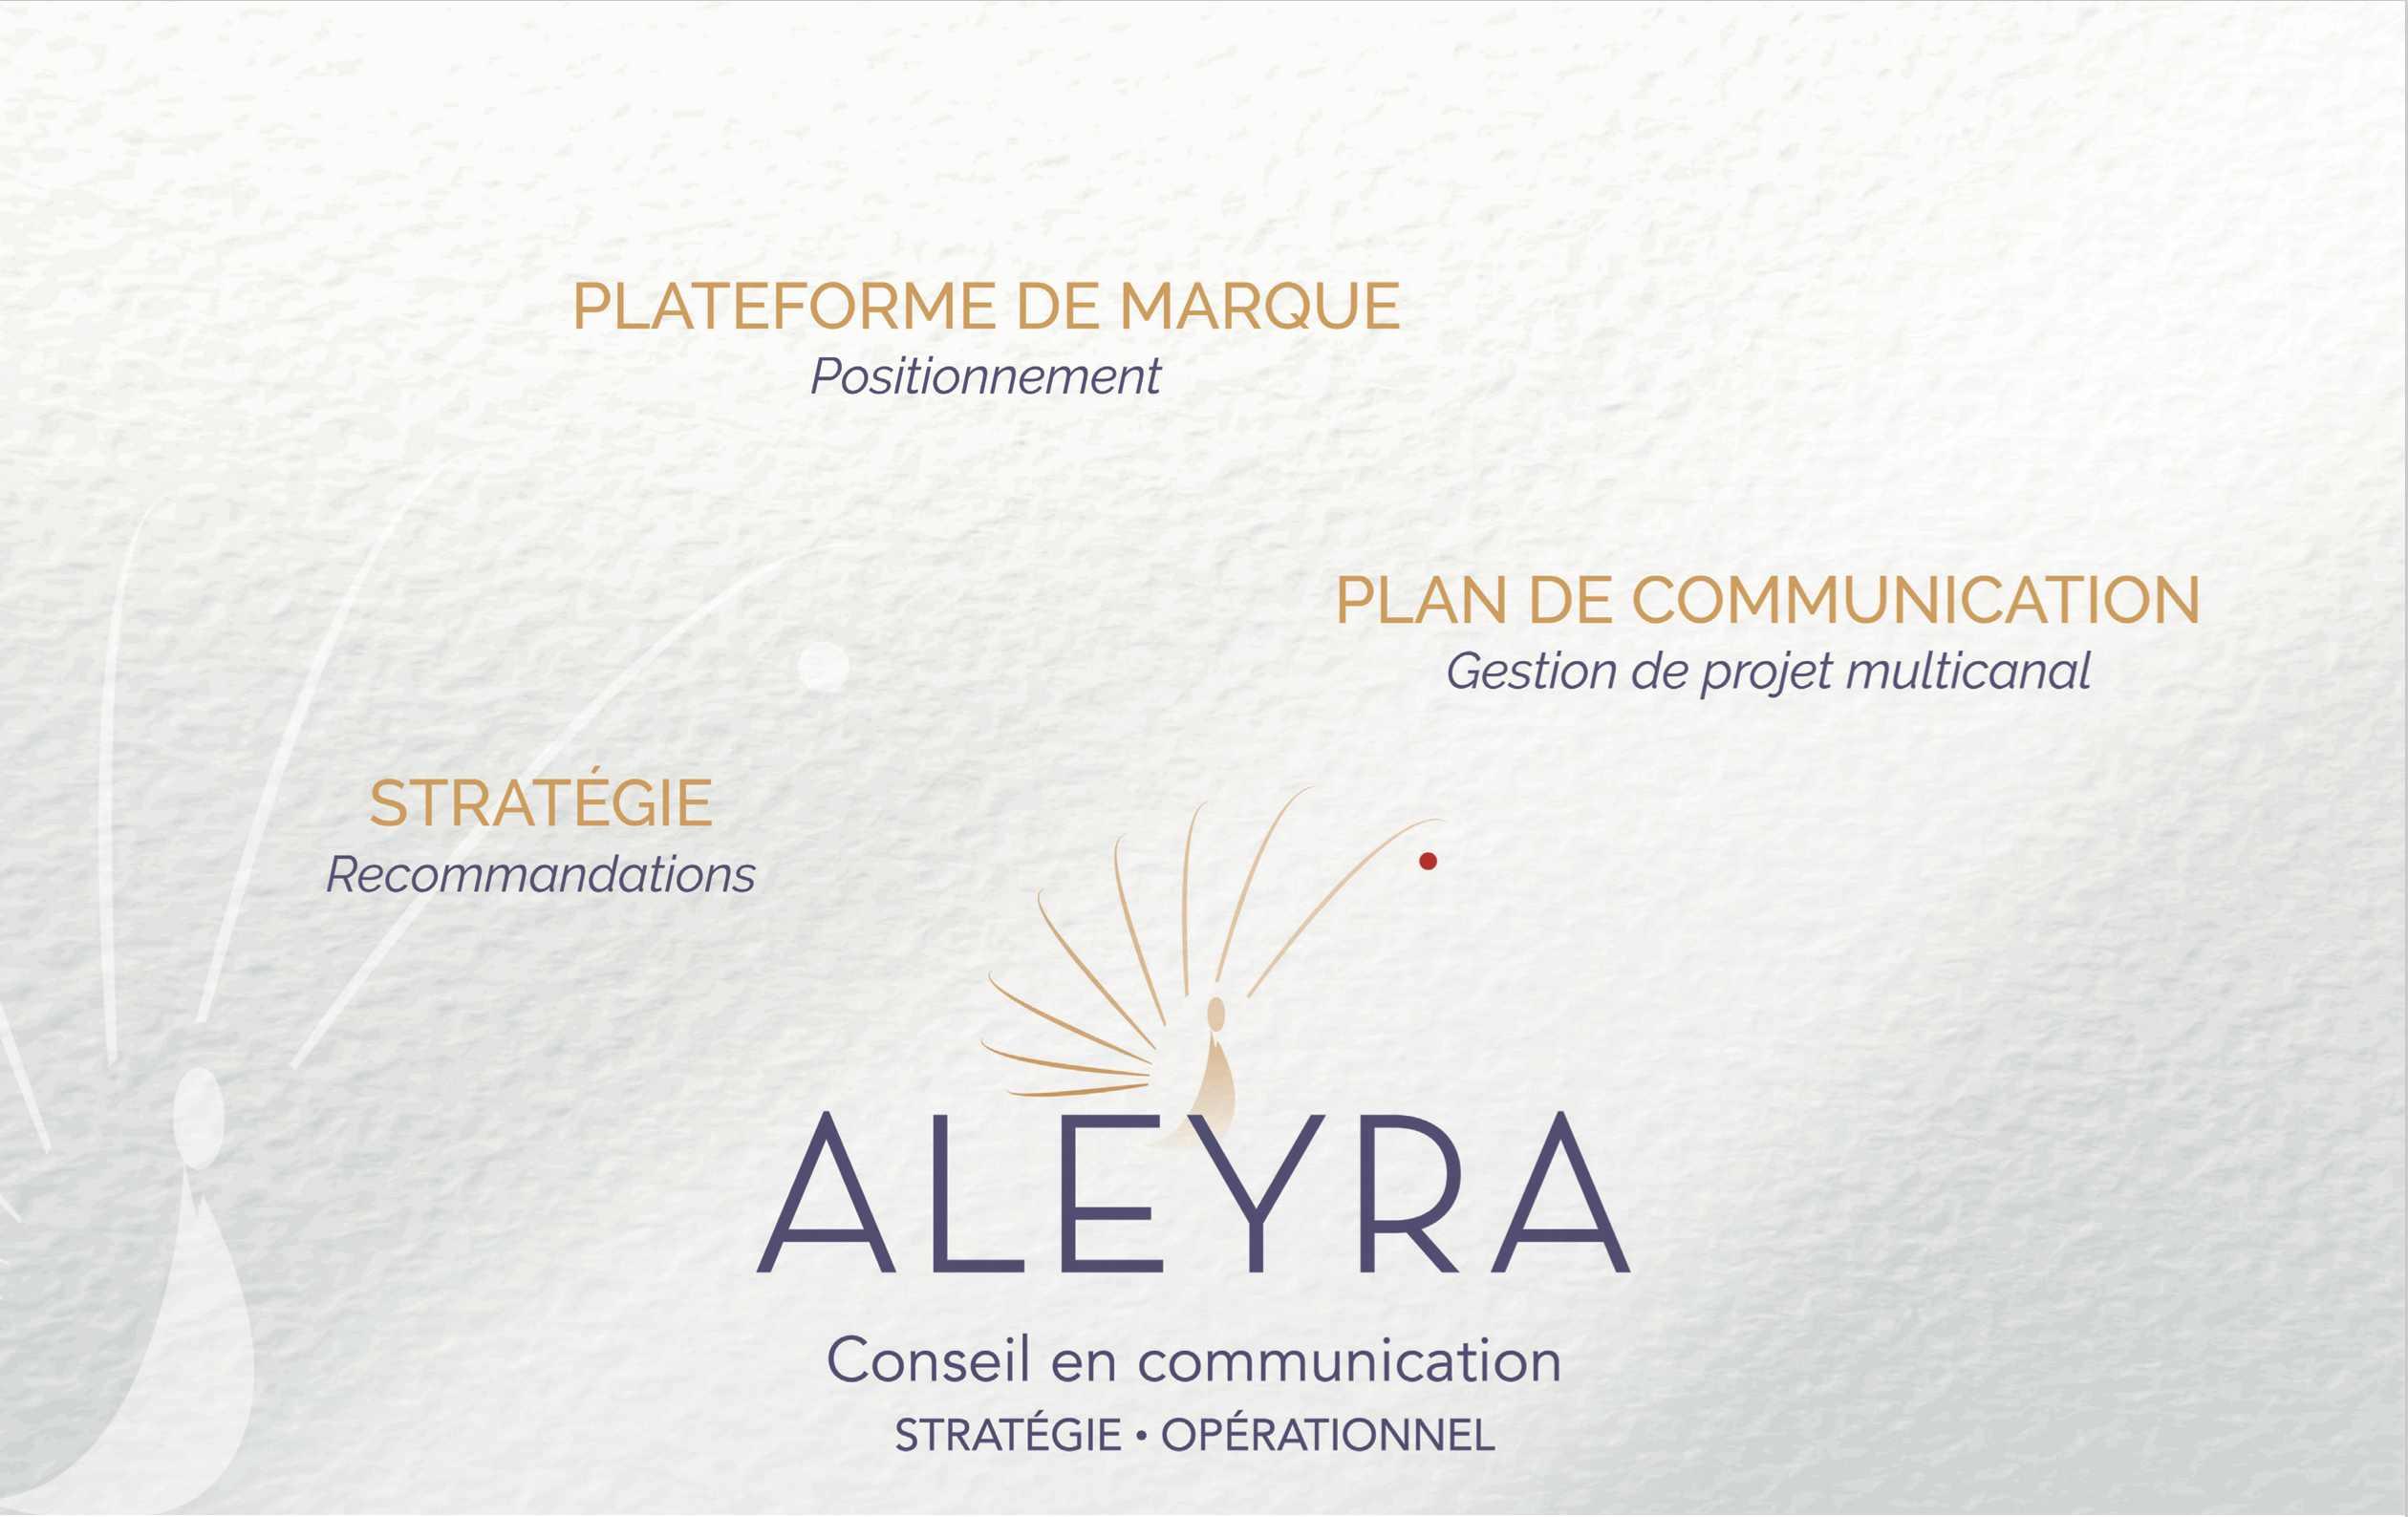 Aleyra, Conseil en communication stratégique et opérationnelle. Stratégie, plateforme de marque et gestion de projet multicanal.